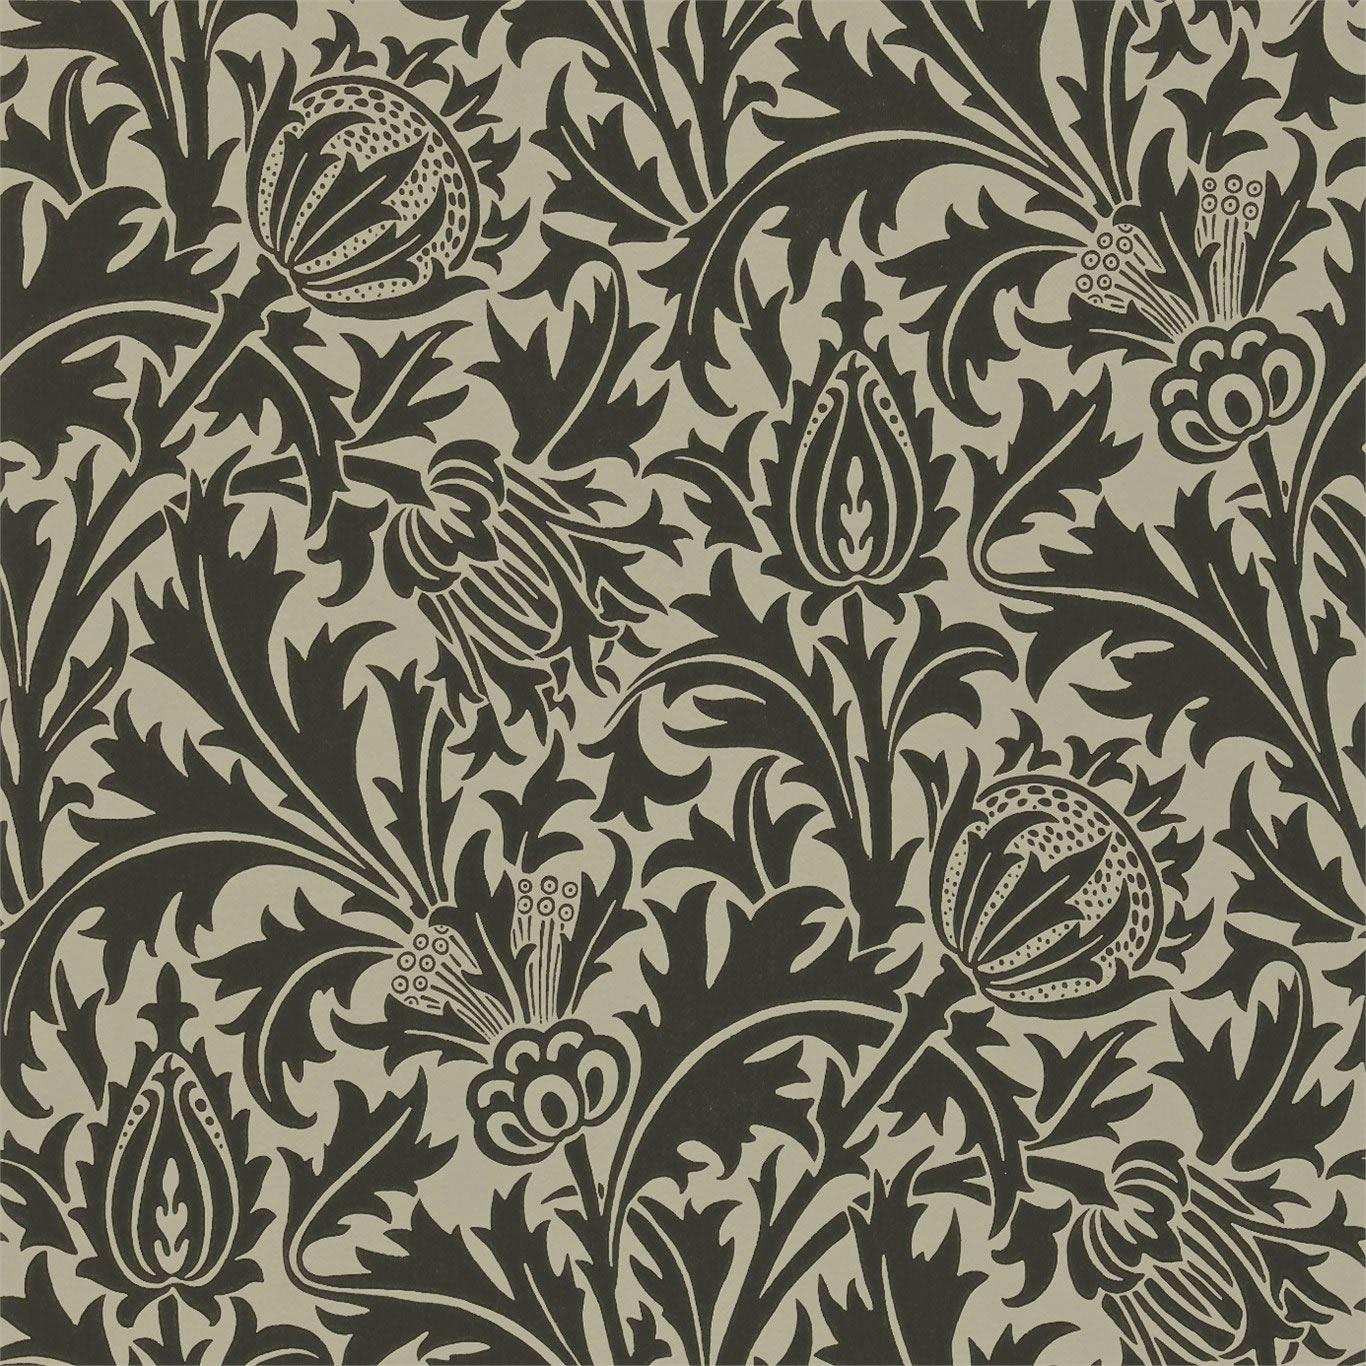 Black Linen   DMOWTH103   Thistle   Morris V   Morris Co Wallpaper 1366x1366